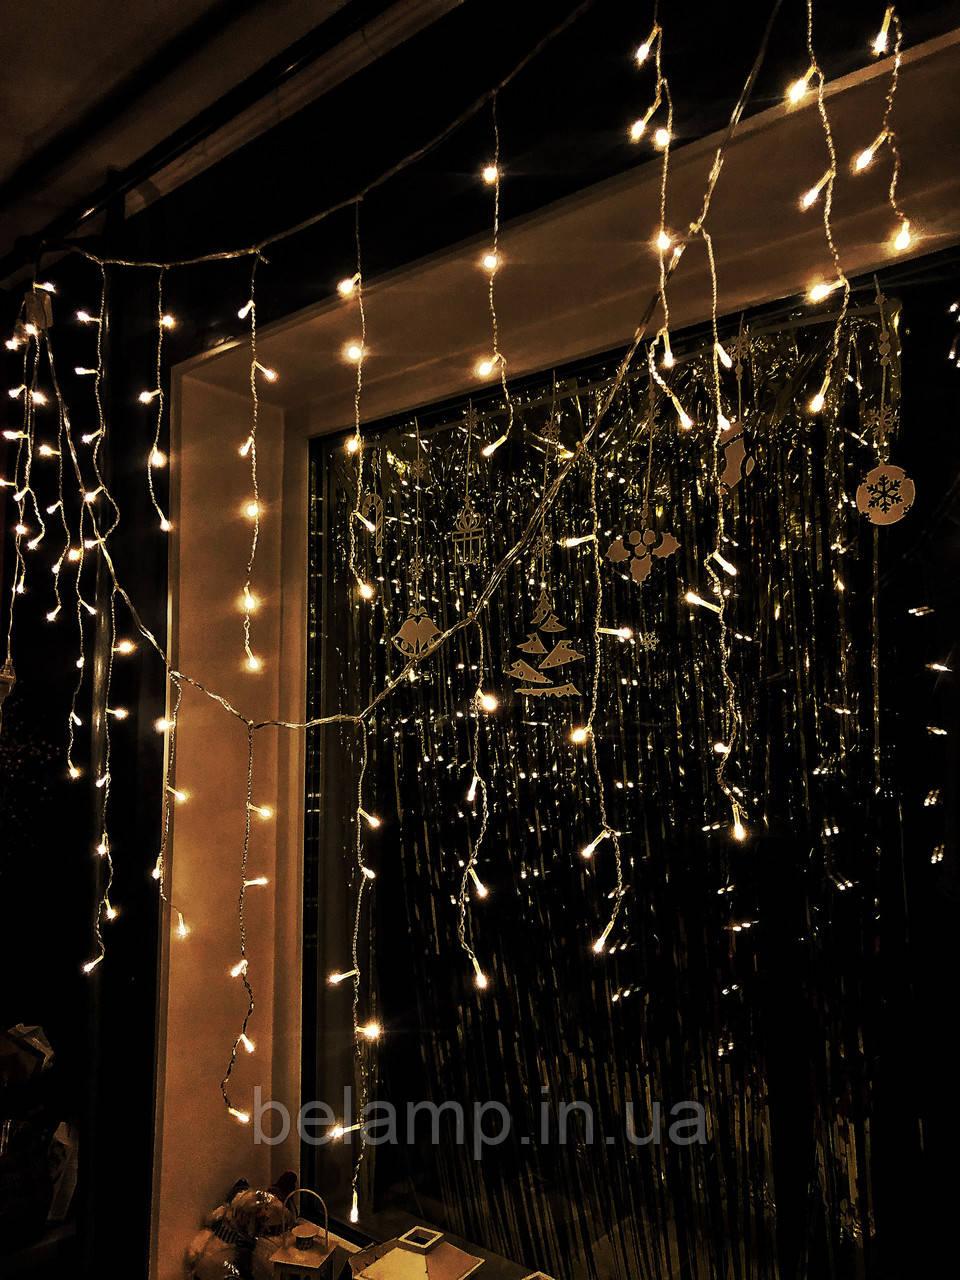 Новогодняя гирлянда бахрома «Уютные огоньки»